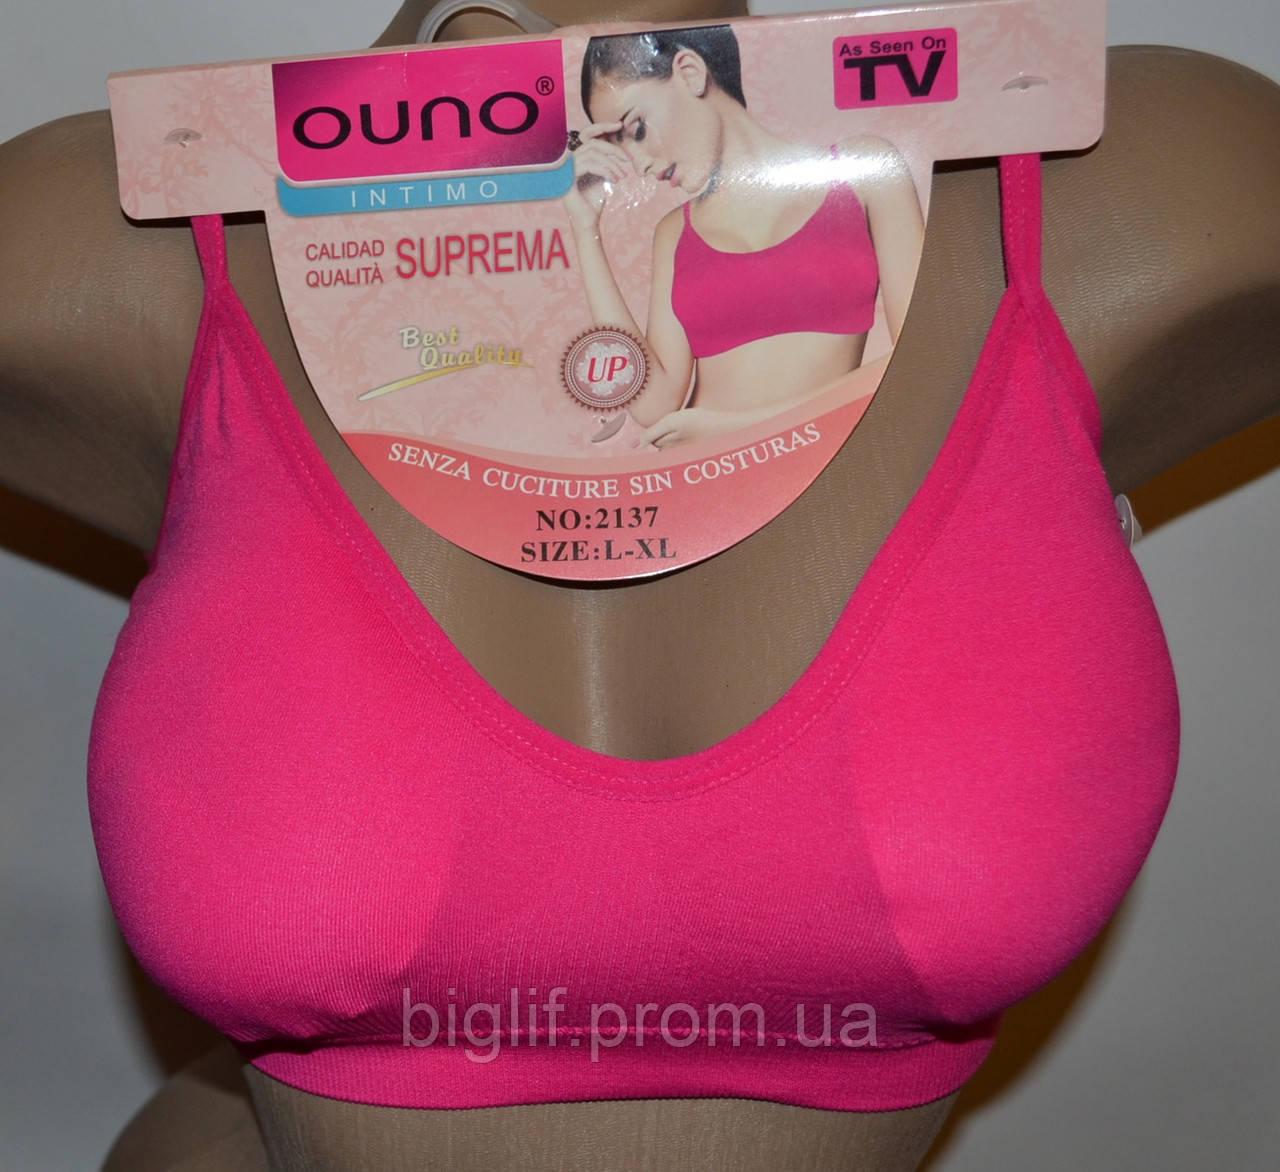 Топик женский Ouno тон. бретели малиновый L-XL  розовый (2137)